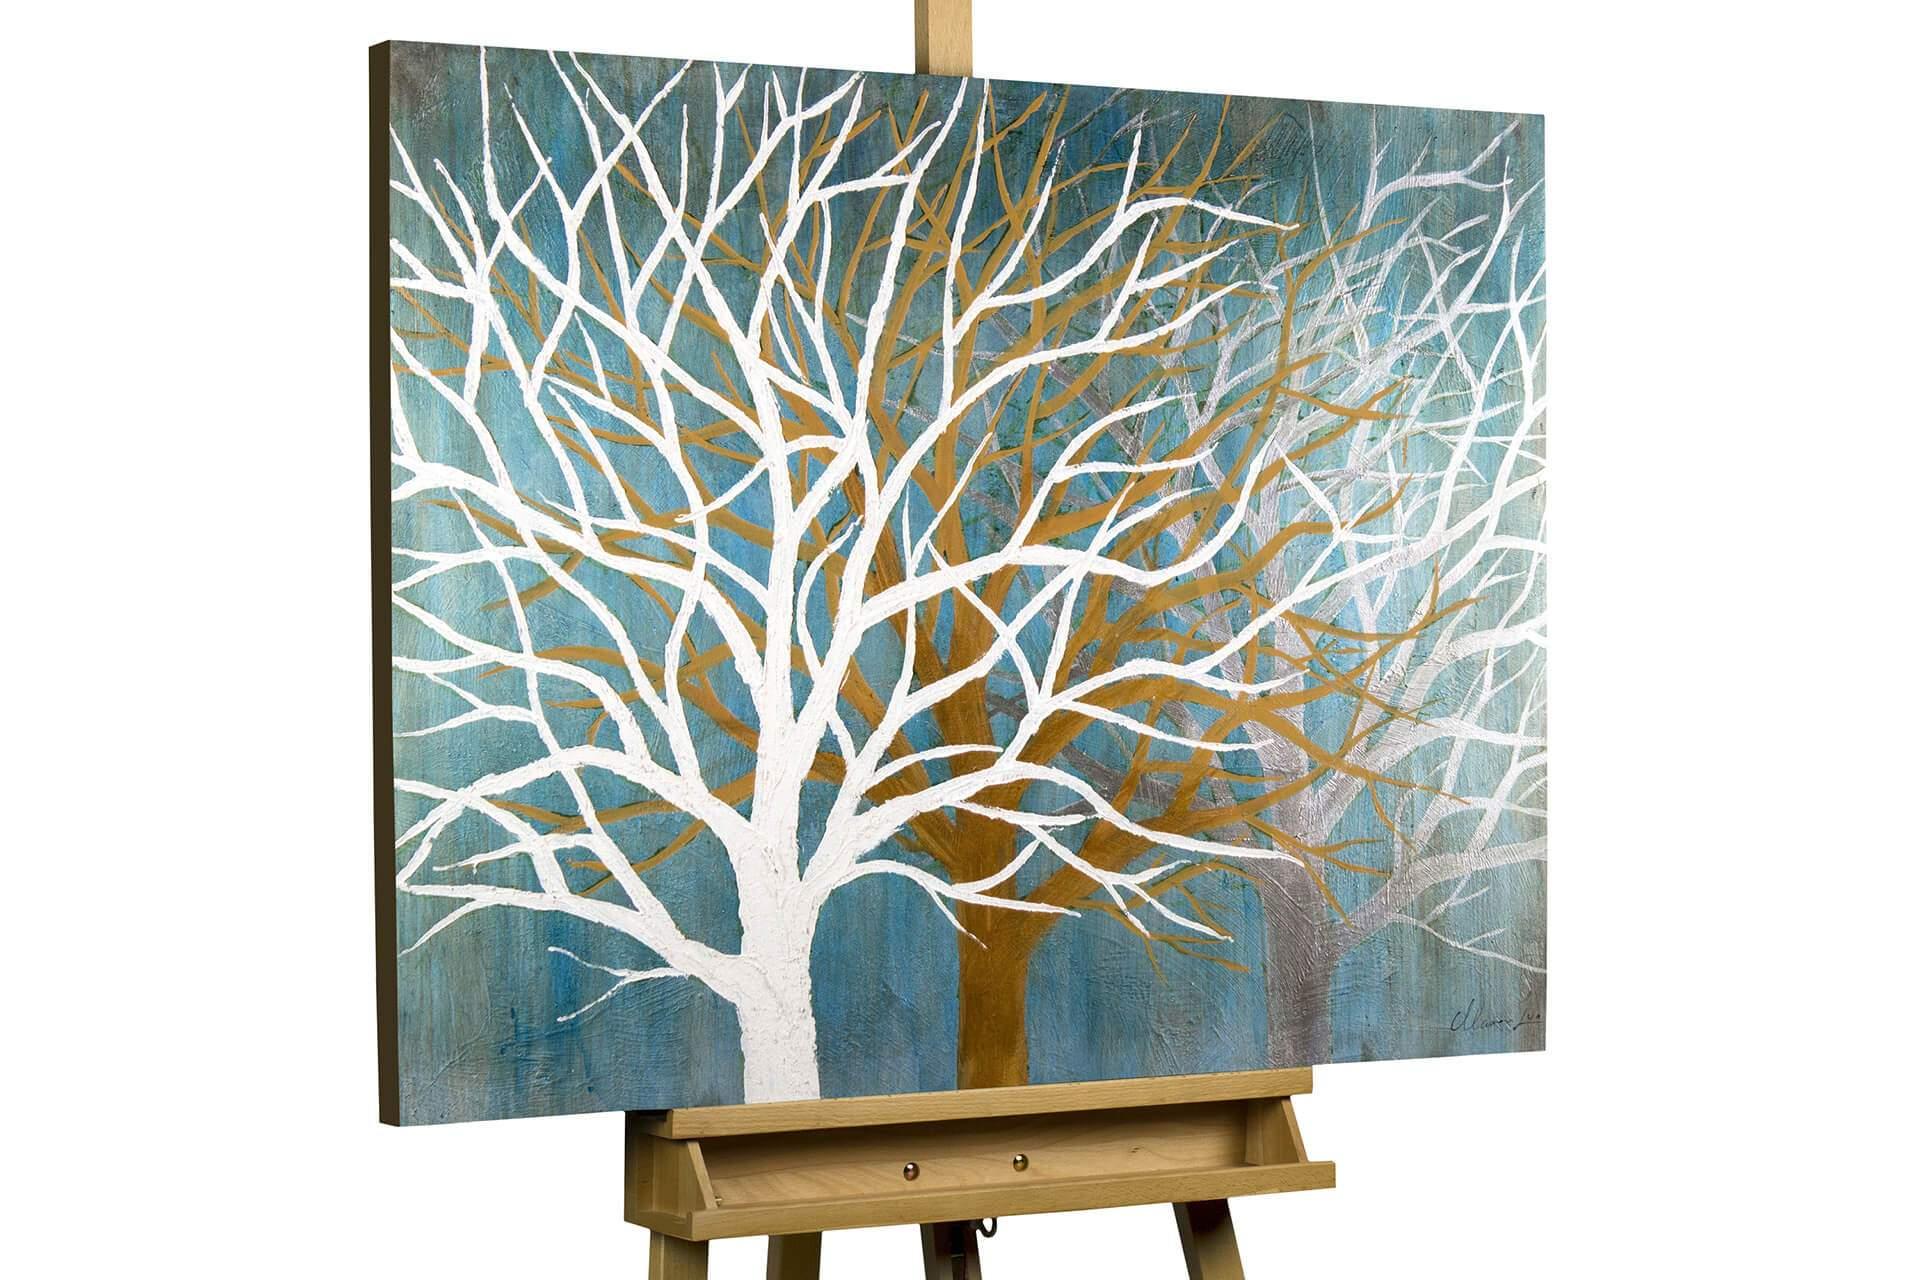 KL baum abstrakt petrol tuerkis beige winter modern acryl gemaelde oel bild oelgemaelde 01